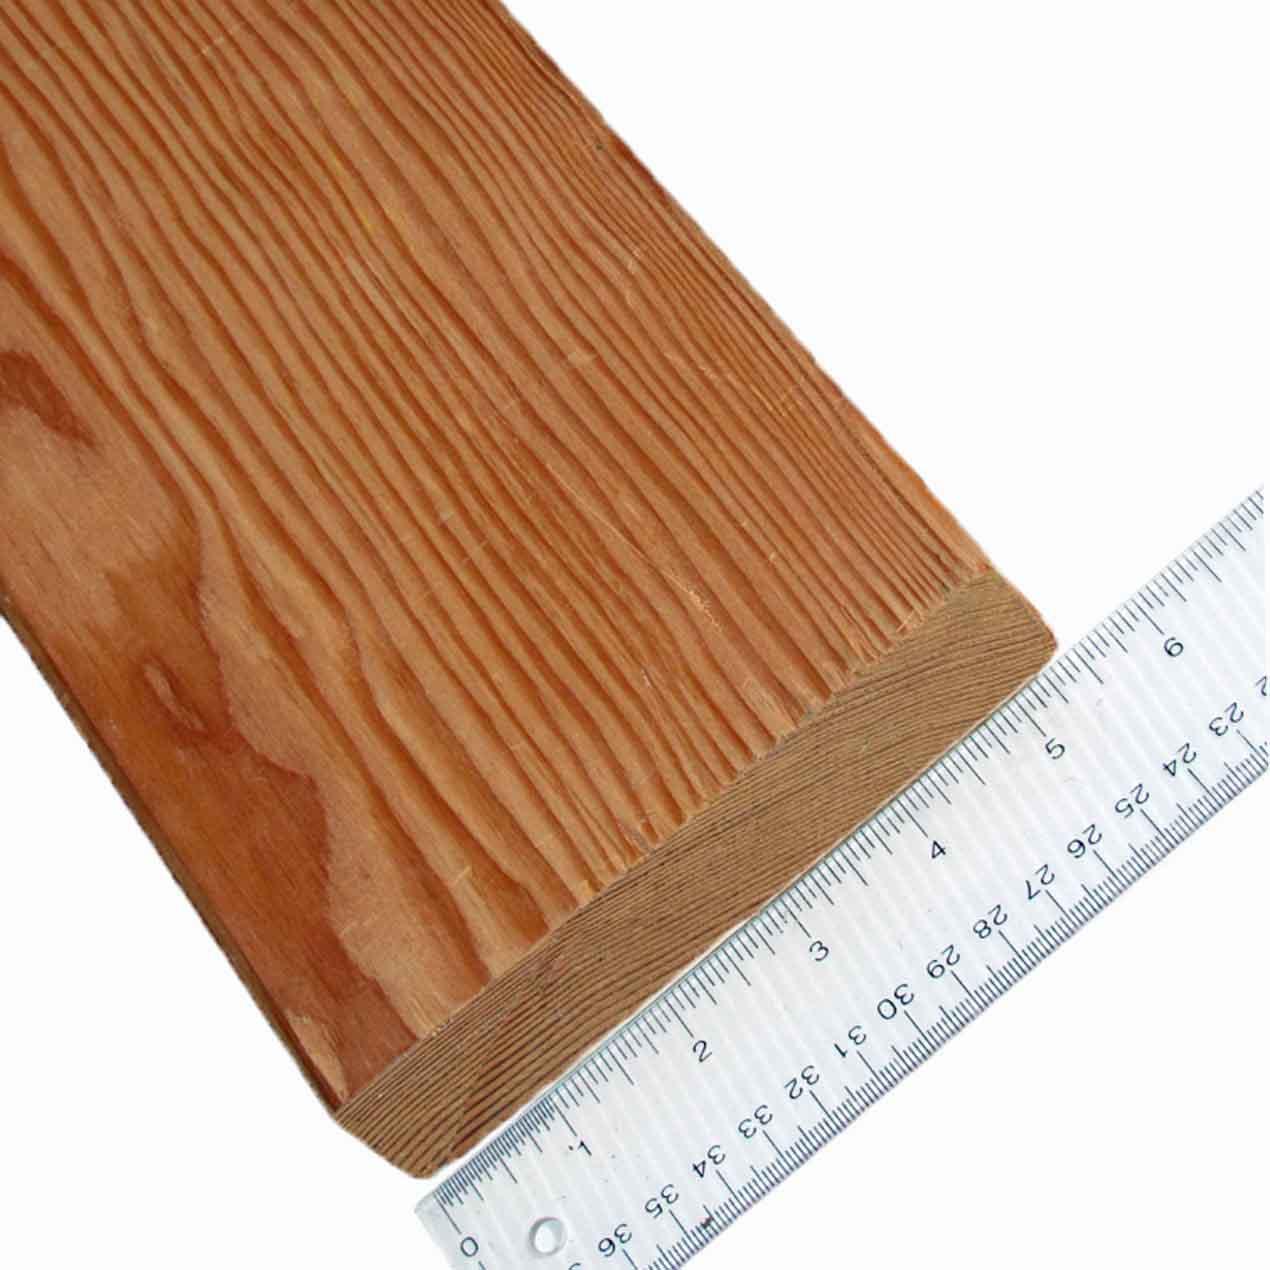 2x6 Doug Fir Clear S4s Capitol City Lumber